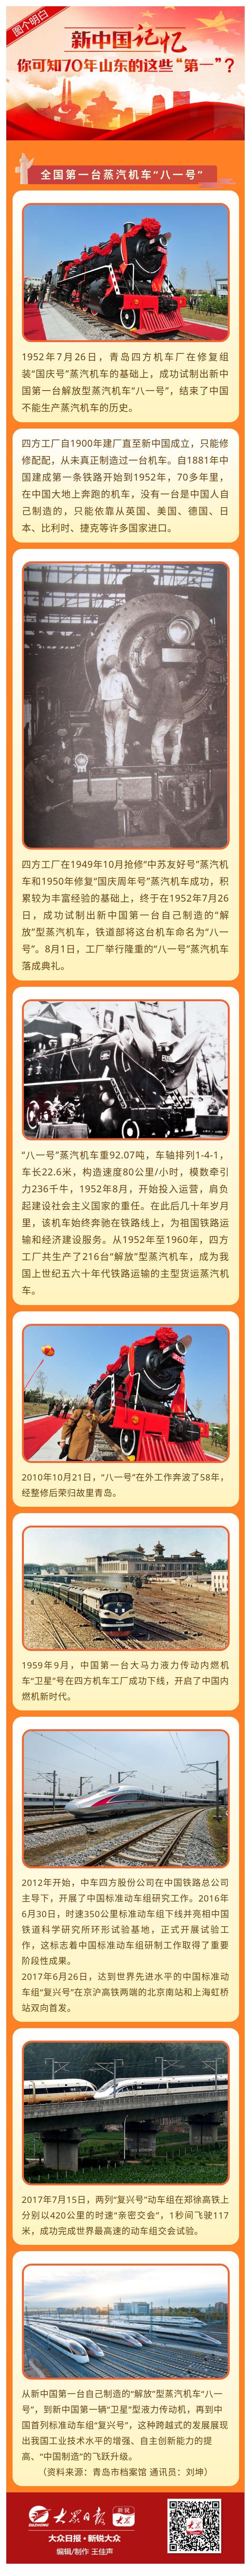 """新中国记忆丨全国第一台蒸汽机车""""八一号"""""""